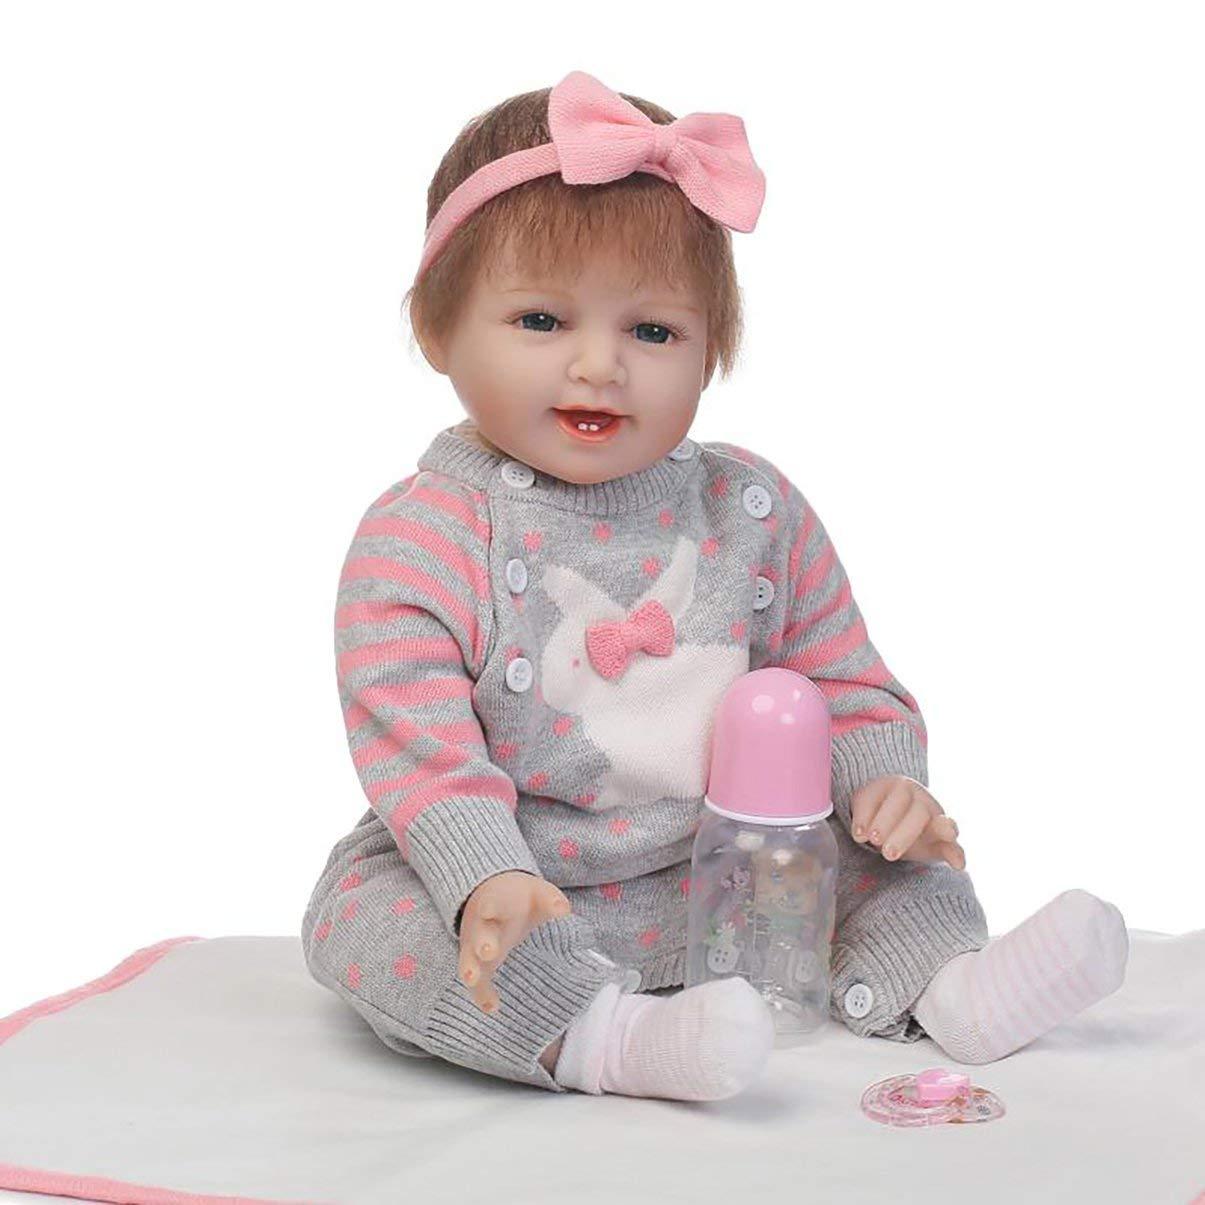 JullyeleDEgant 55 55 55 cm Kaninchen Pullover Voller Körper Weiche Silikon Vinyl Baby Puppe ungiftig Sicheres Spielzeug Handgemachte Schöne Lebensechte Newborn Baby Puppe Spielzeug f239a2